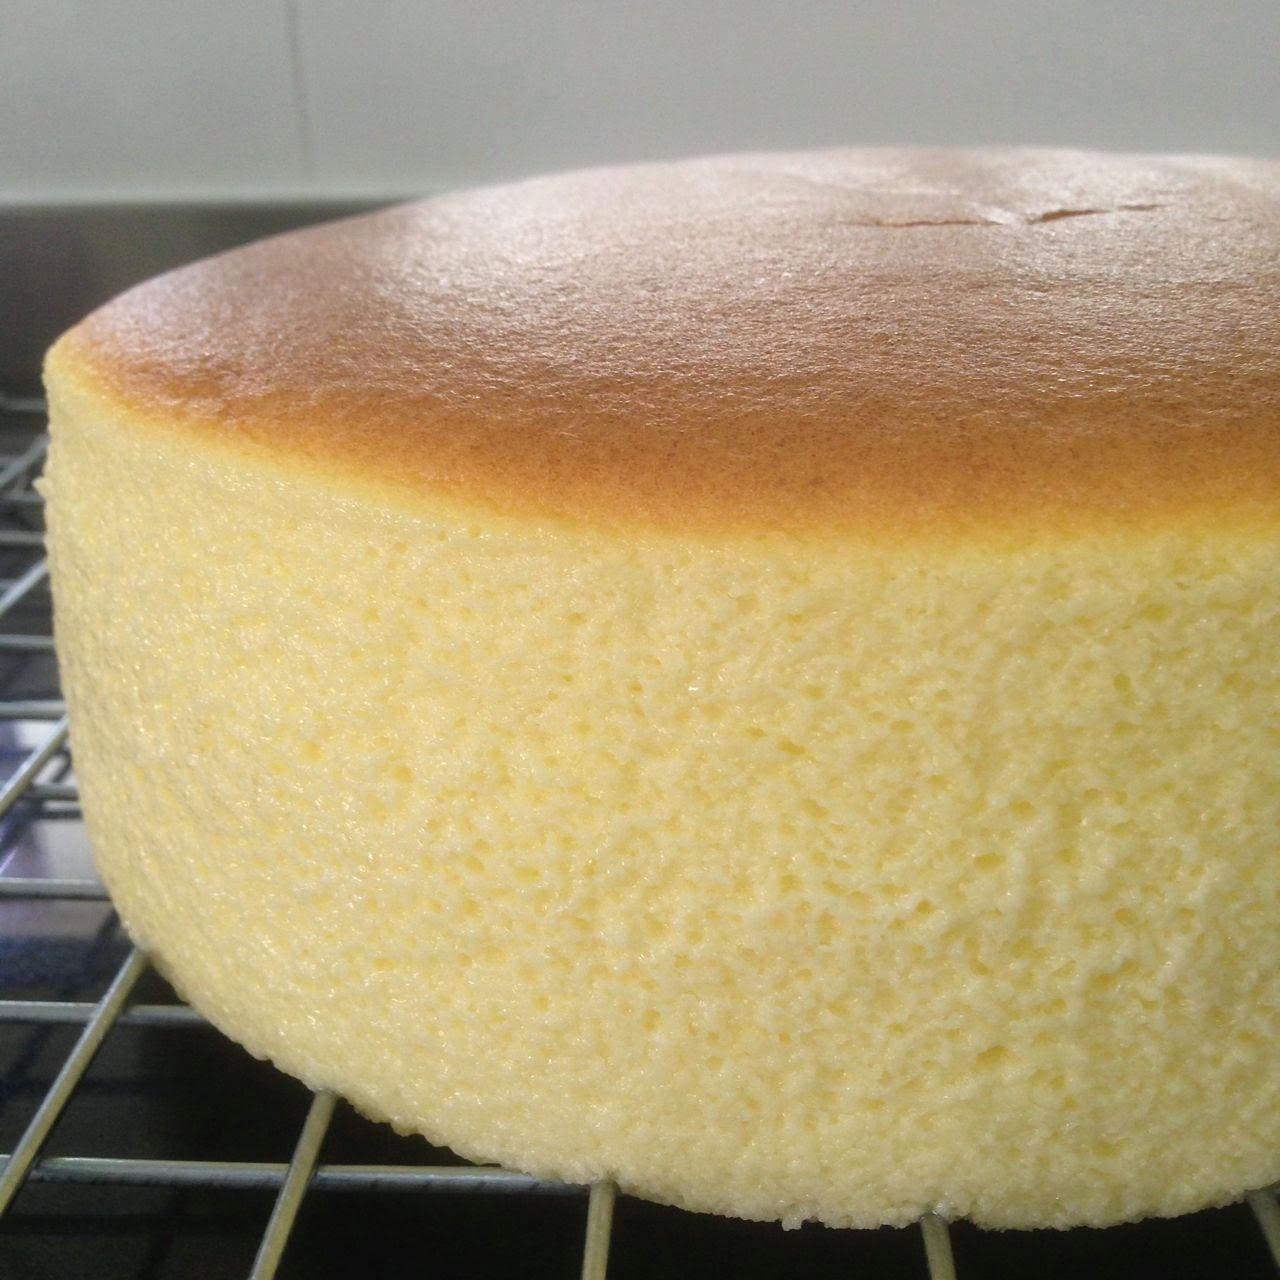 Japanese Cotton Chiffon Cake Recipe